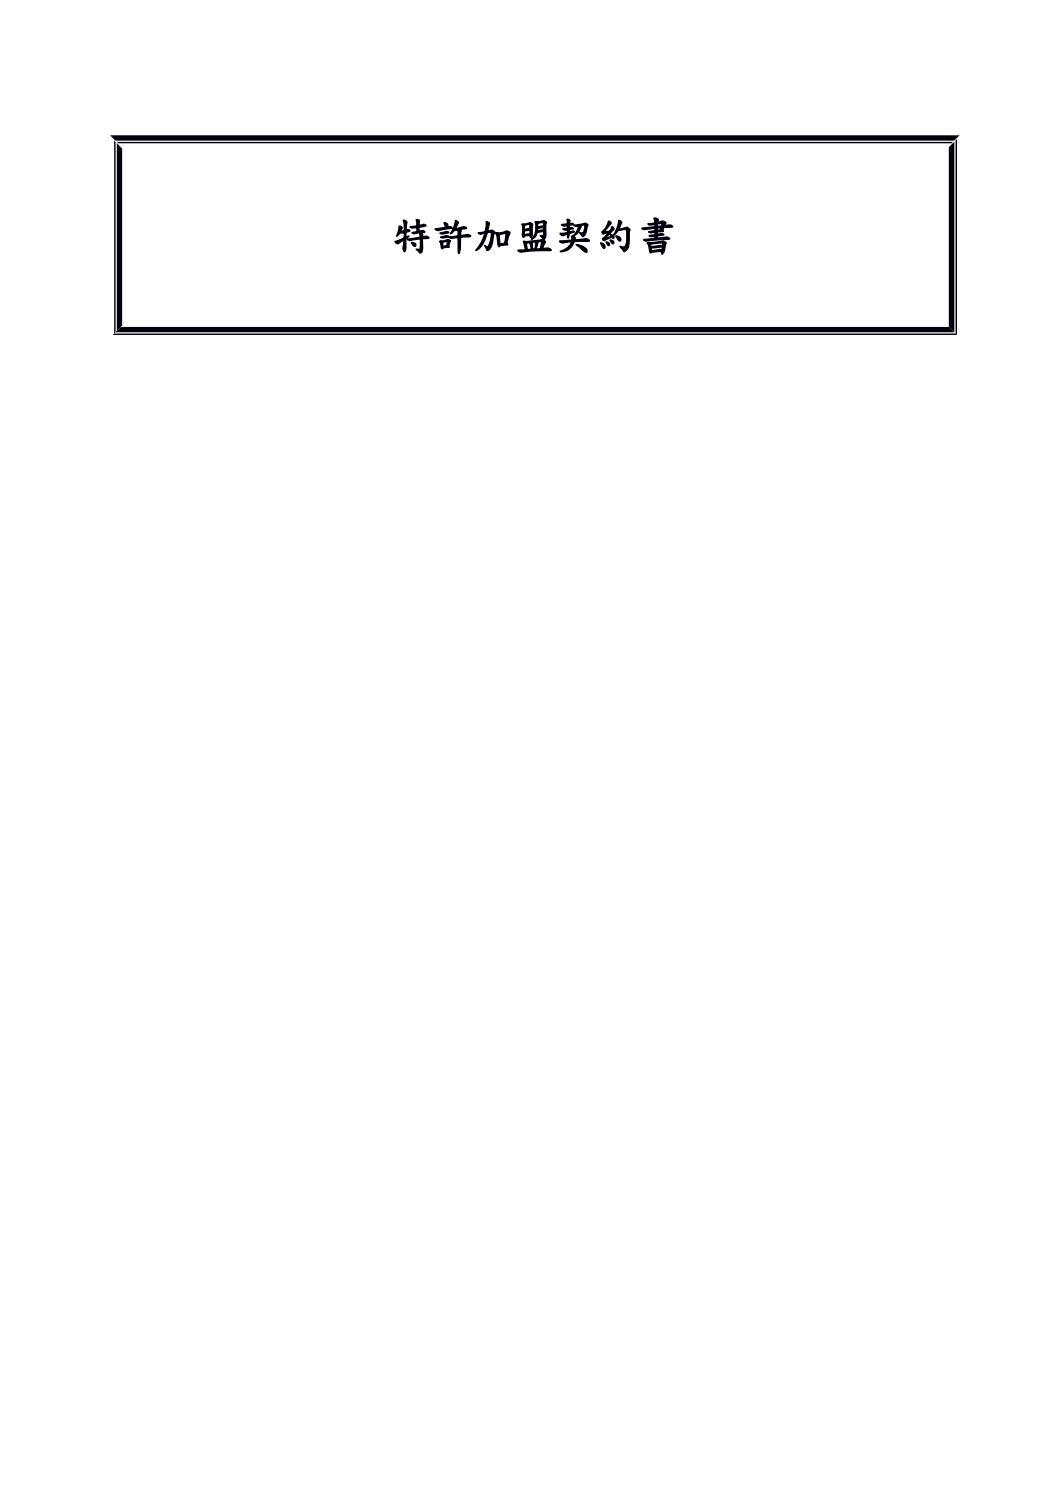 特許加盟契約書 20140423 by 王培傑 - Issuu